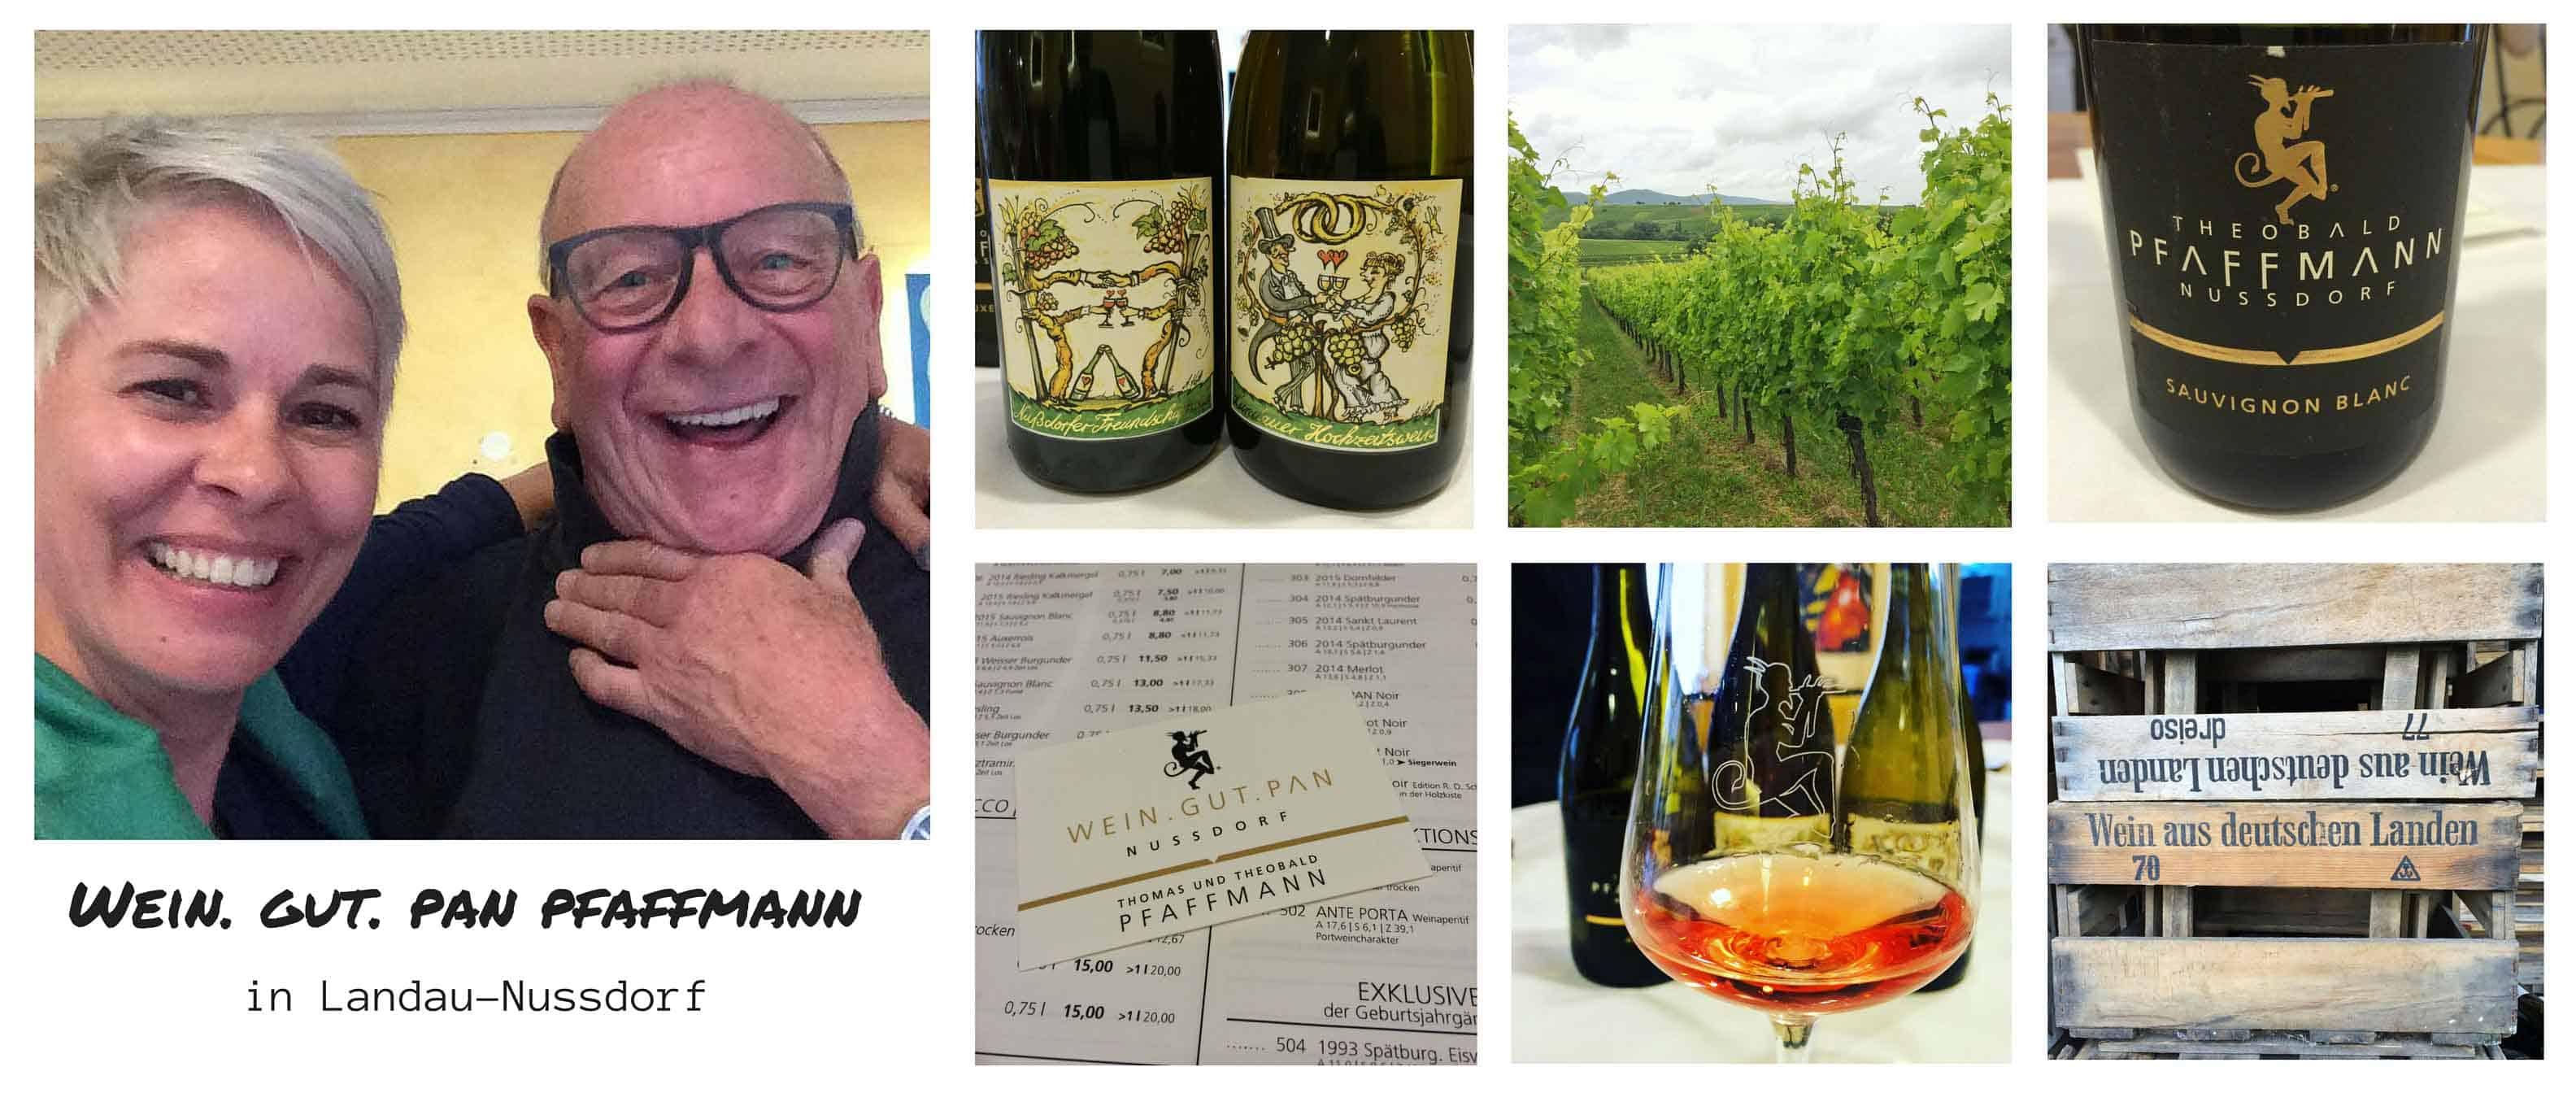 Bettina-Sturm-Respekt-Herr-Specht-Landau-Pfalz-Wein-Kulinarisches-Weingut-Pfaffmann-Gut-Pan (6 von 6)